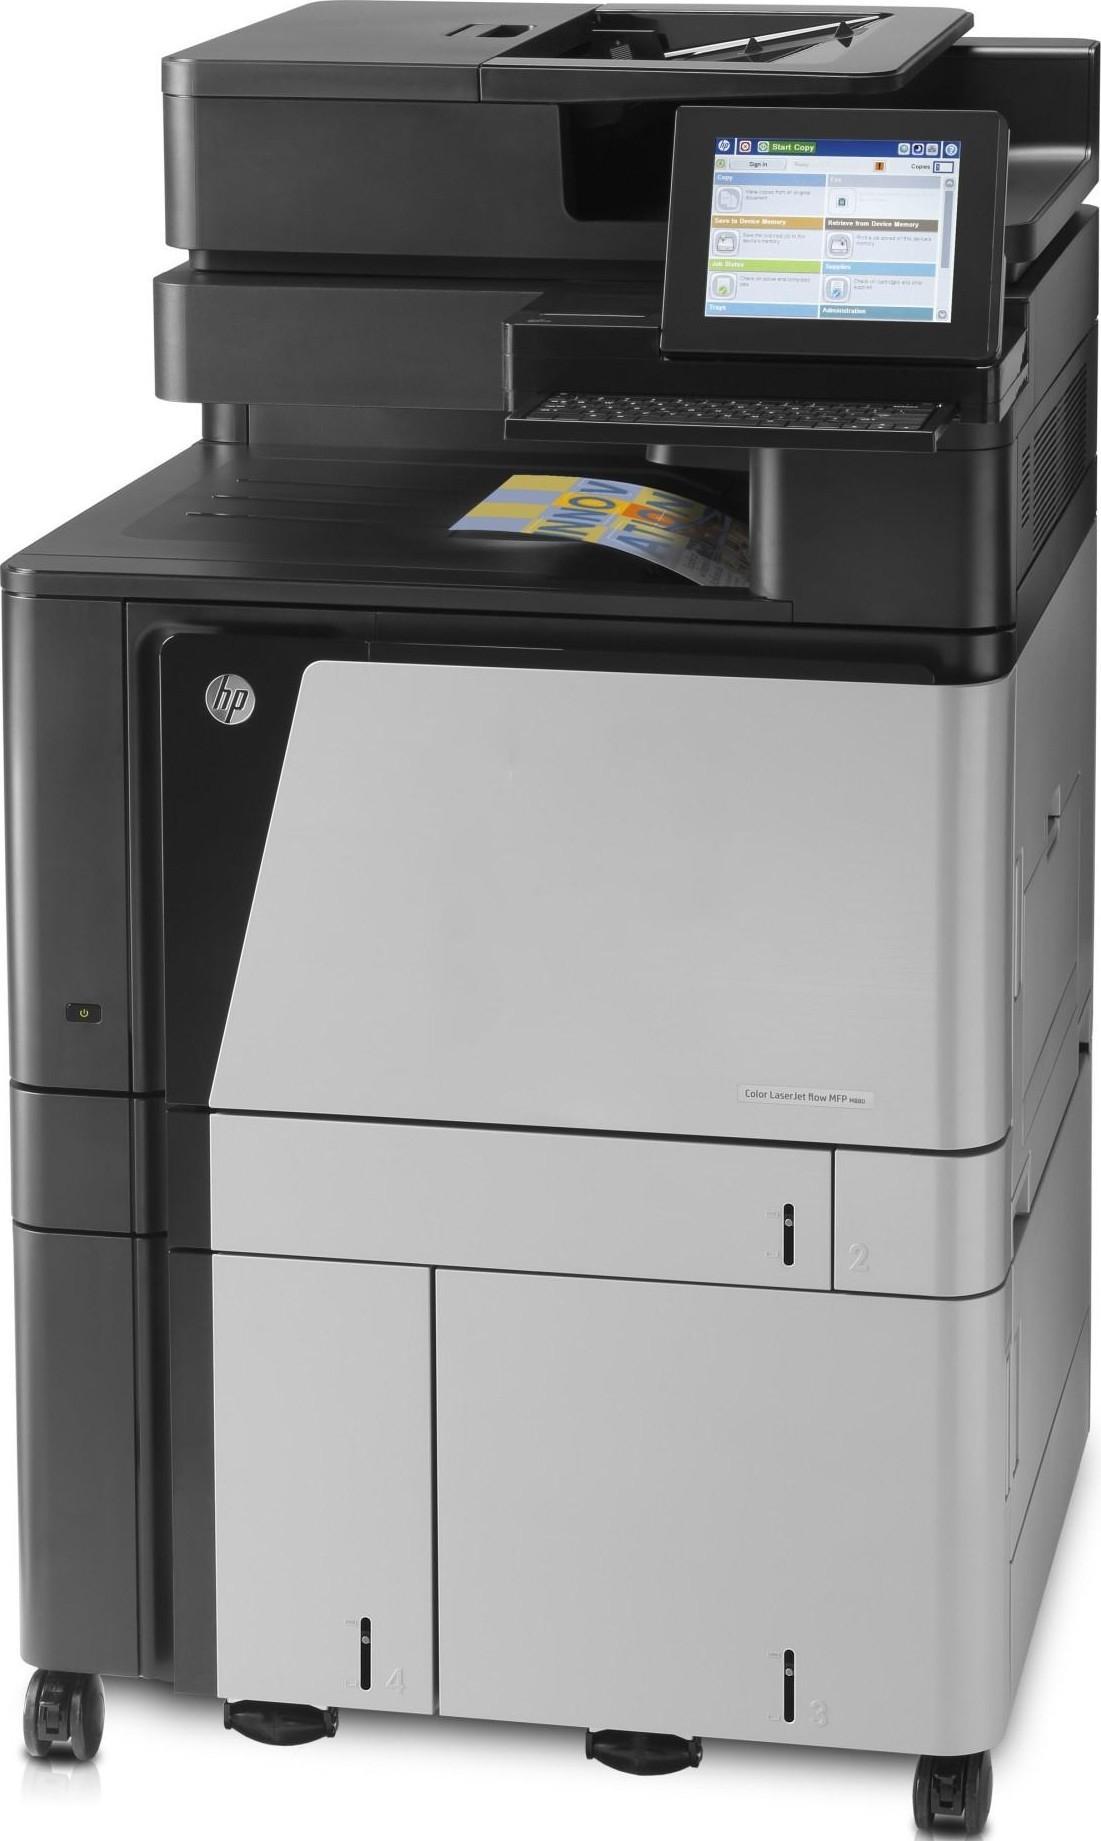 Купить МФУ HP Color LaserJet Enterprise flow MFP M880z+ (A2W76A) фото 1